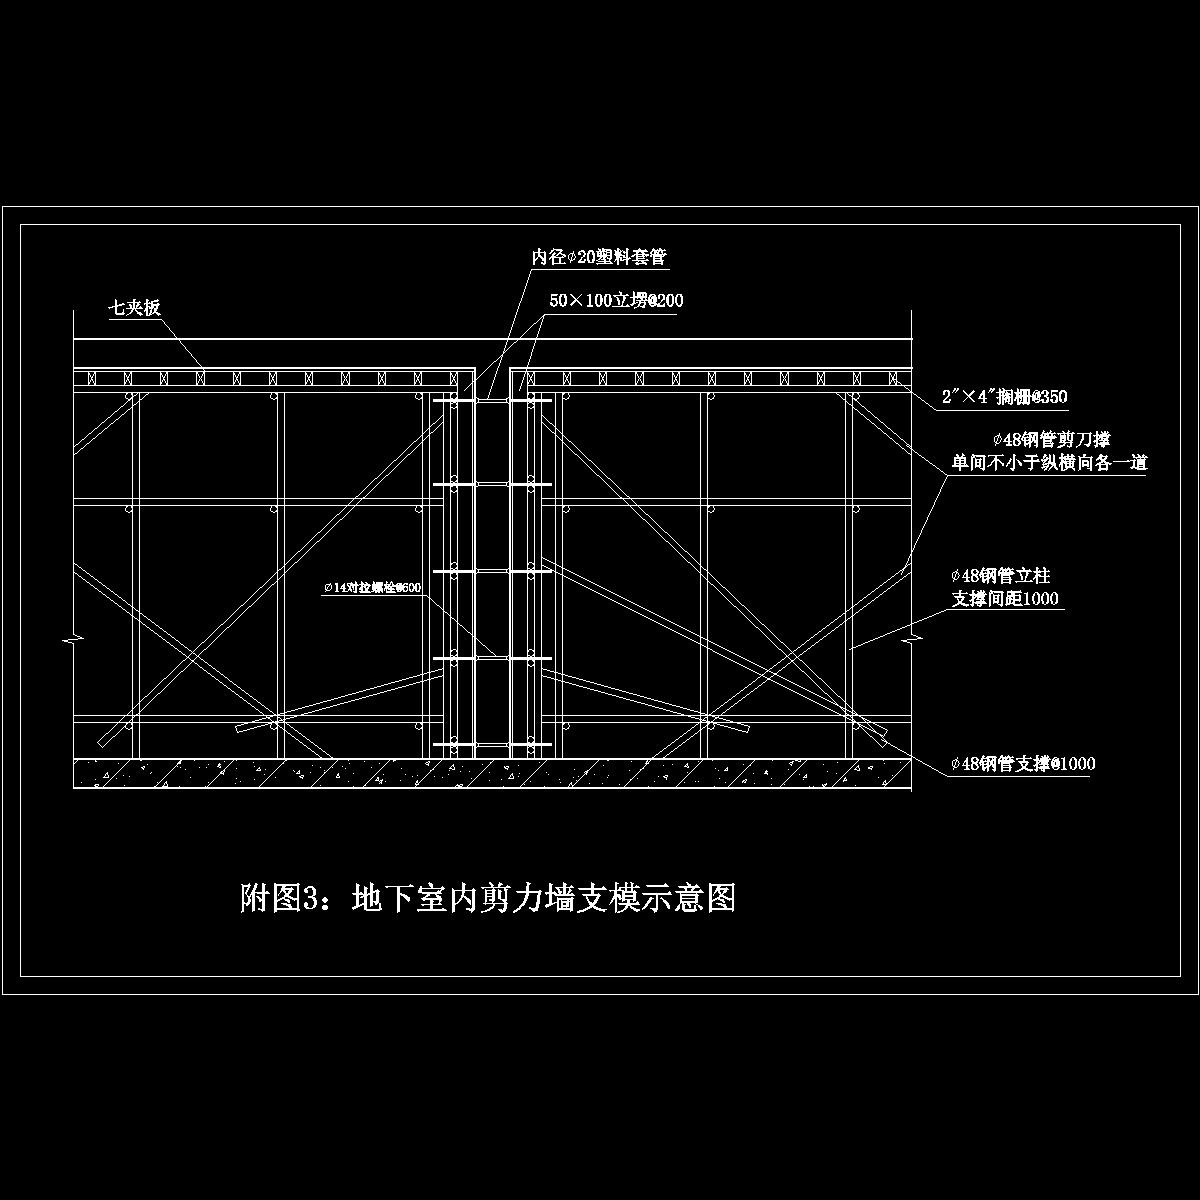 3 地下室剪力墙模板支撑示意图.dwg